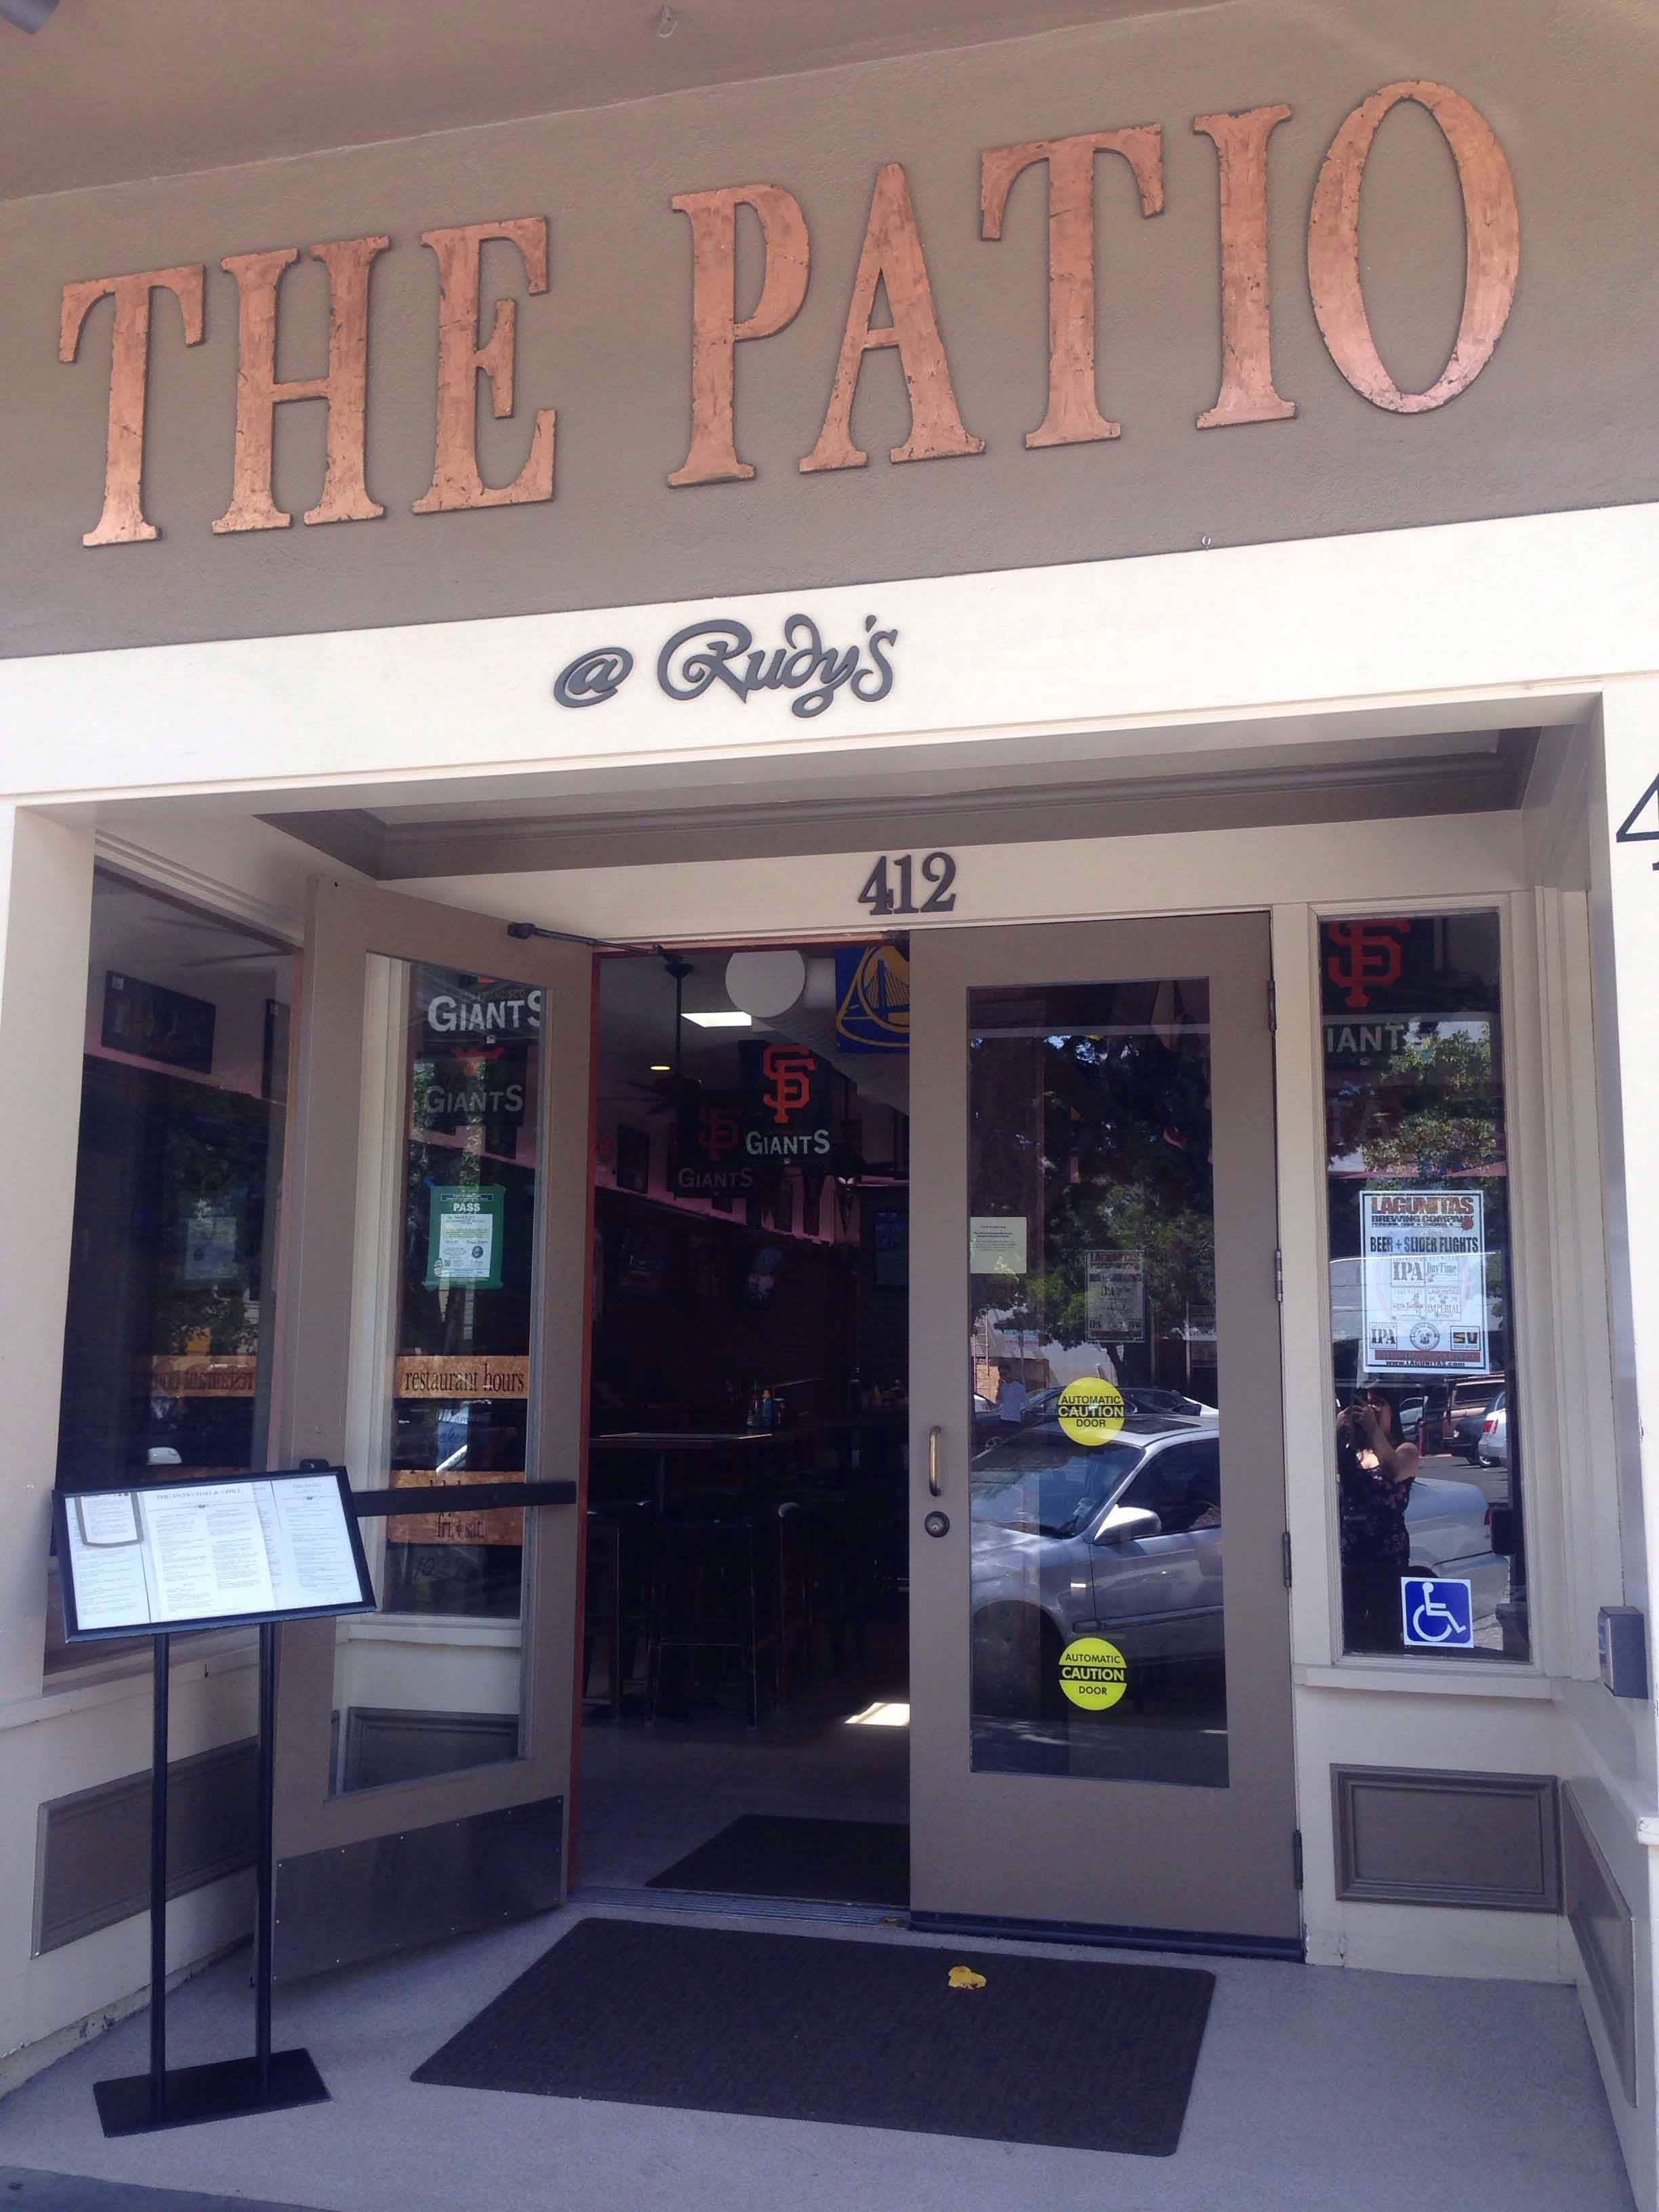 Delightful The Patio, Palo Alto Photos